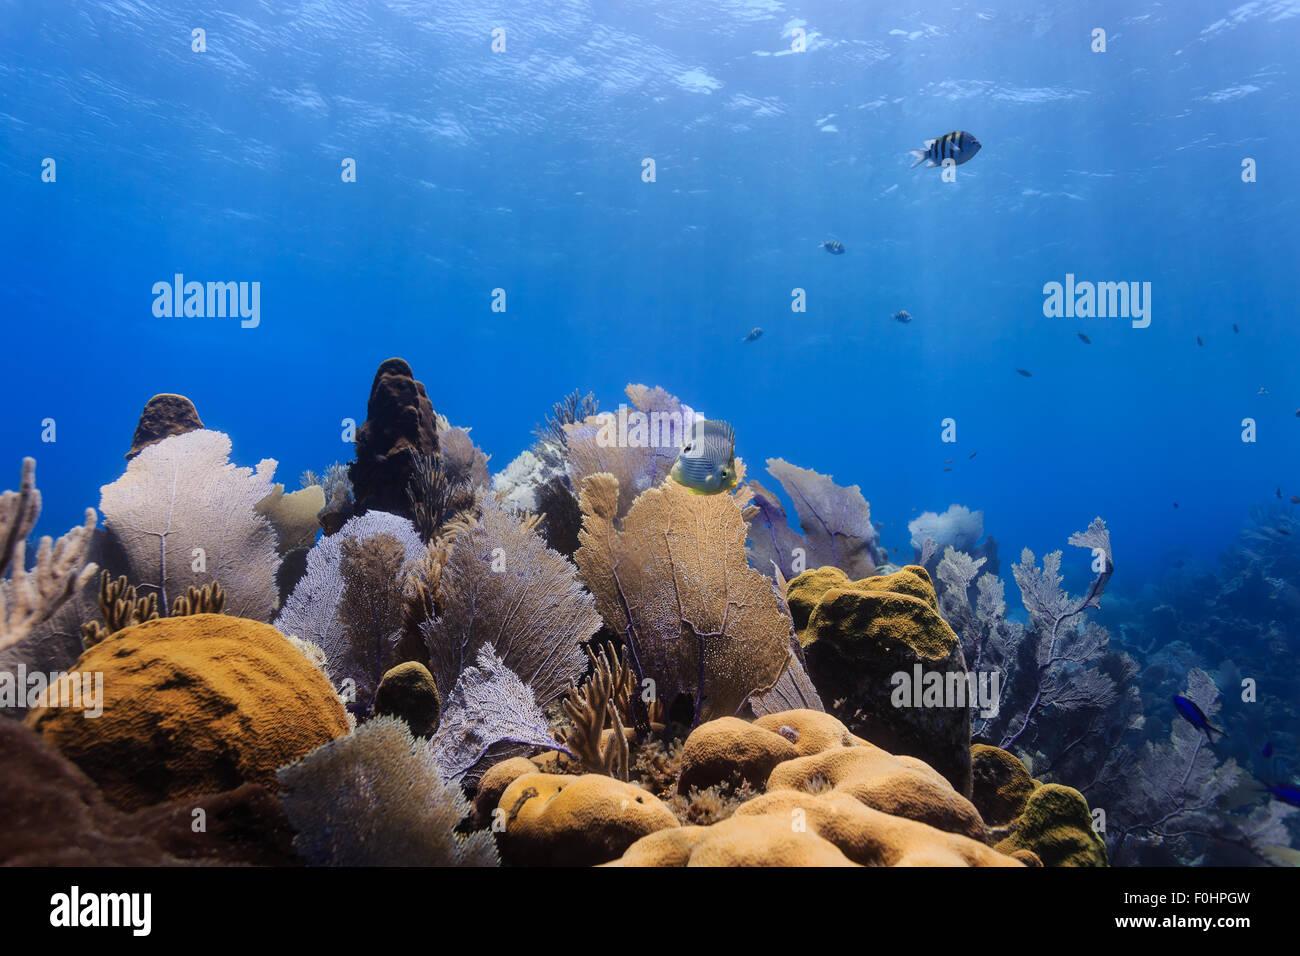 Paysage de mer lumineux colorés et des fans sur les poissons des récifs coralliens tropicaux Photo Stock